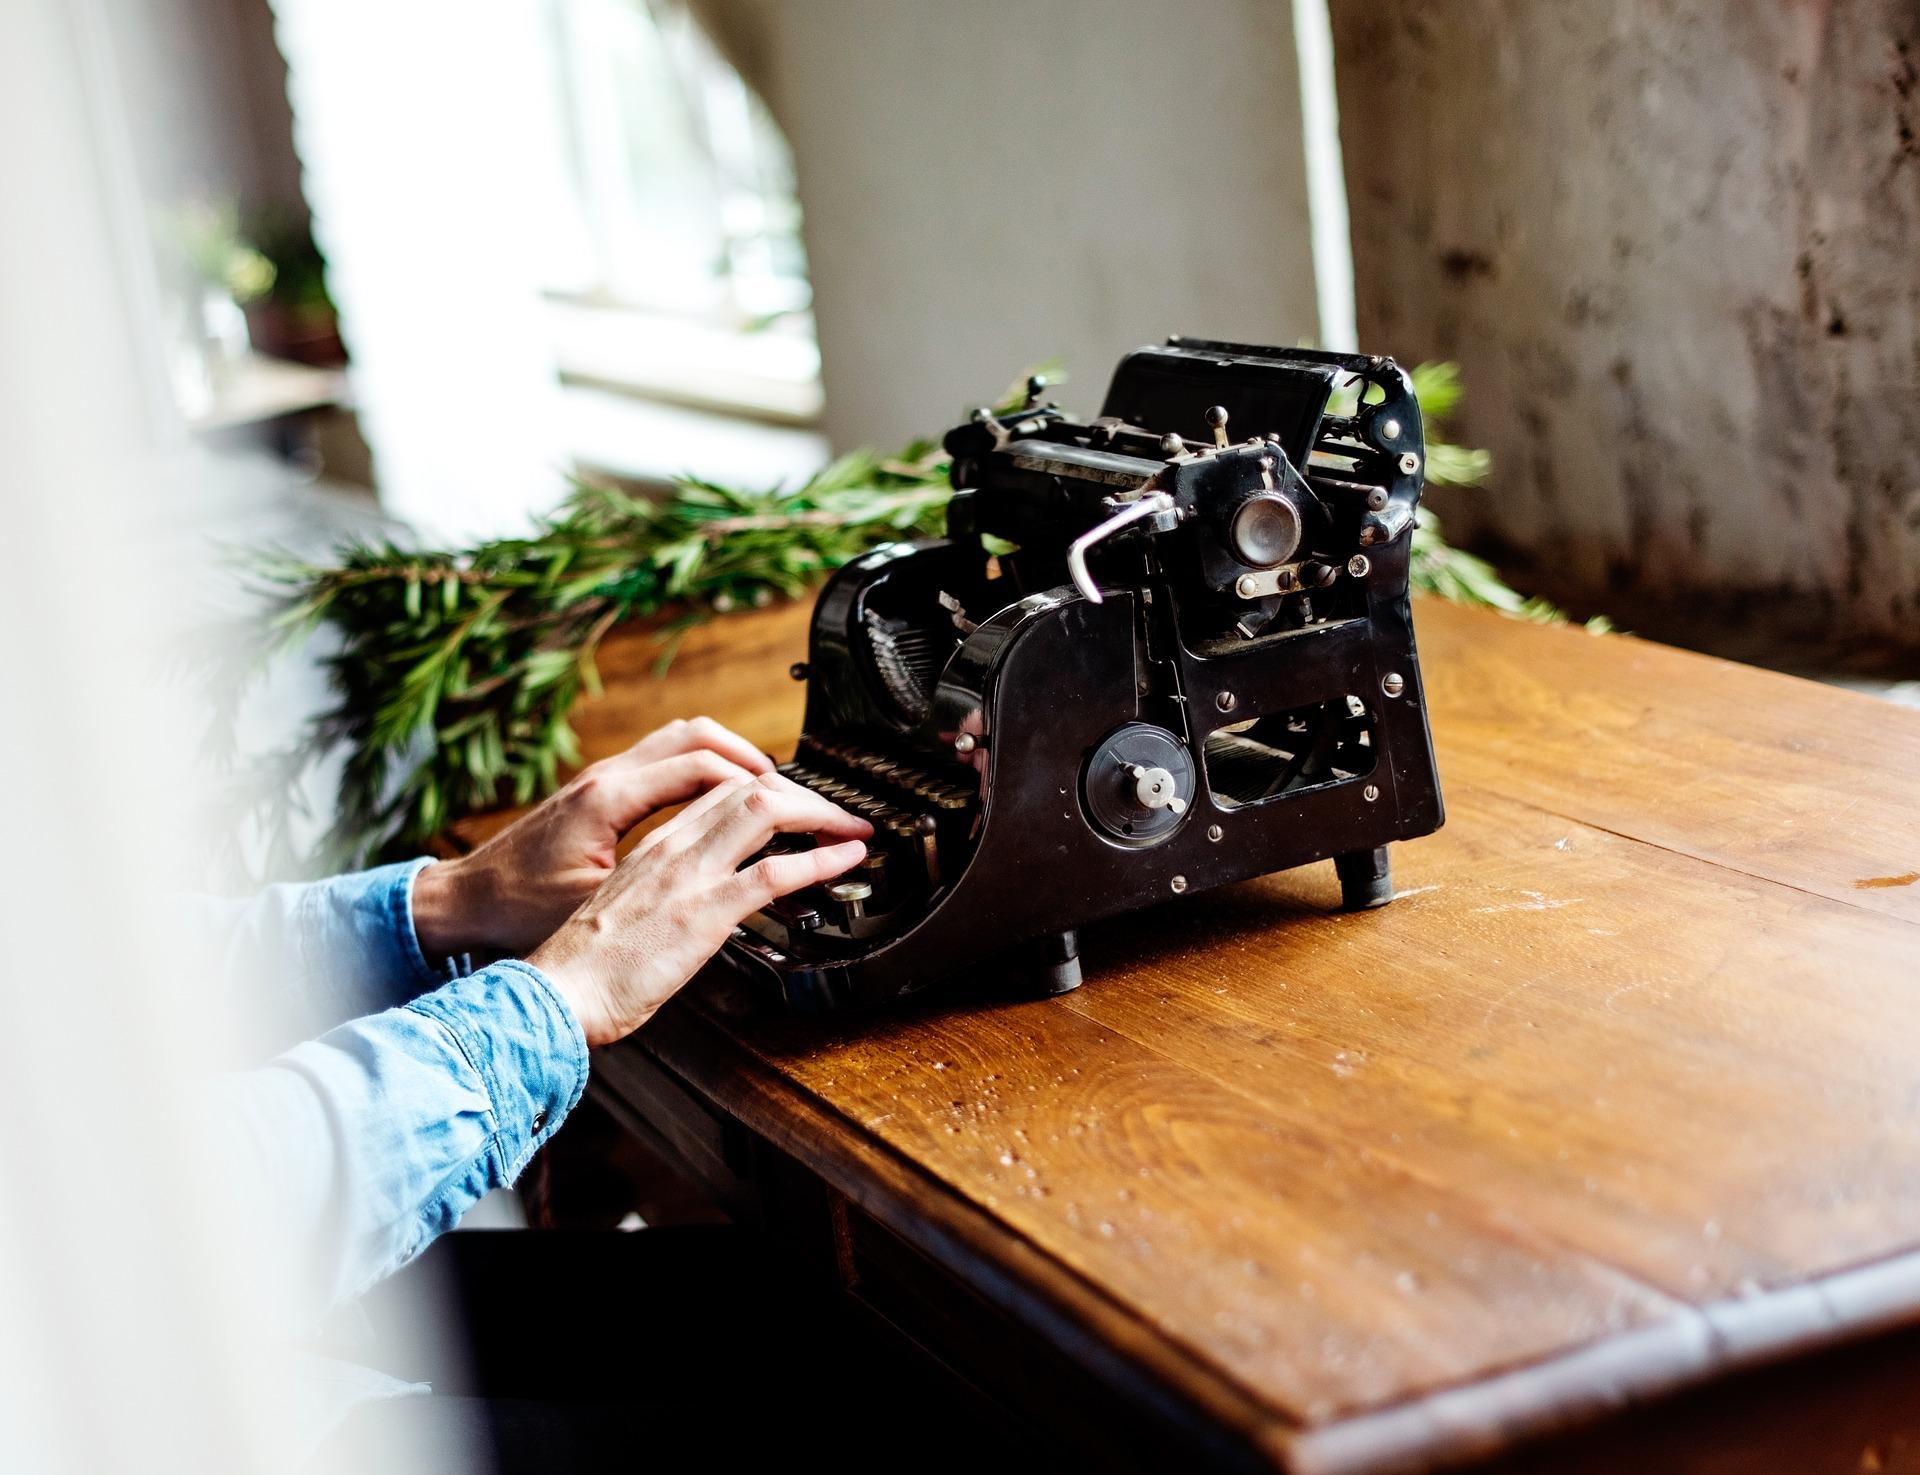 Typing on the typewriter photo